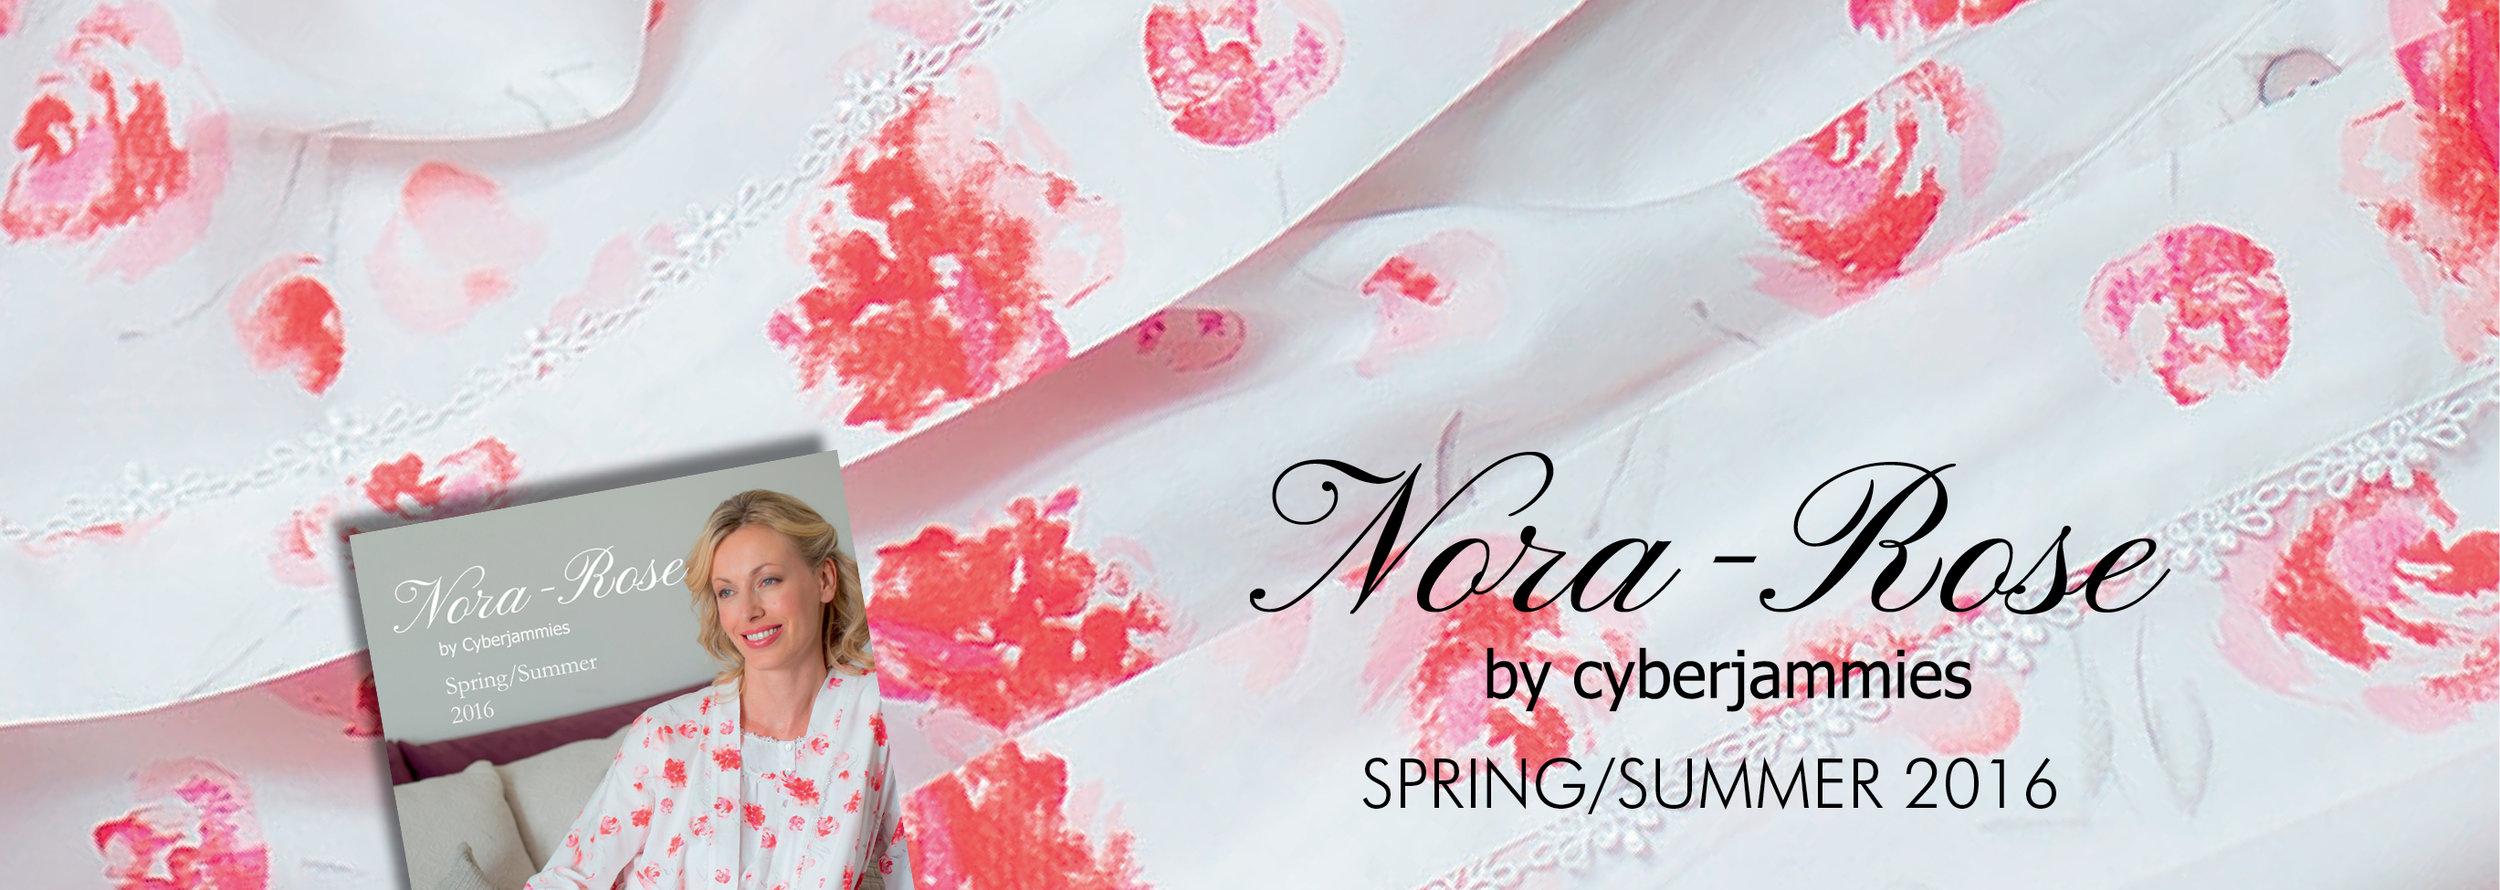 Nora Rose Small Winter 2015 Web Header2.jpg